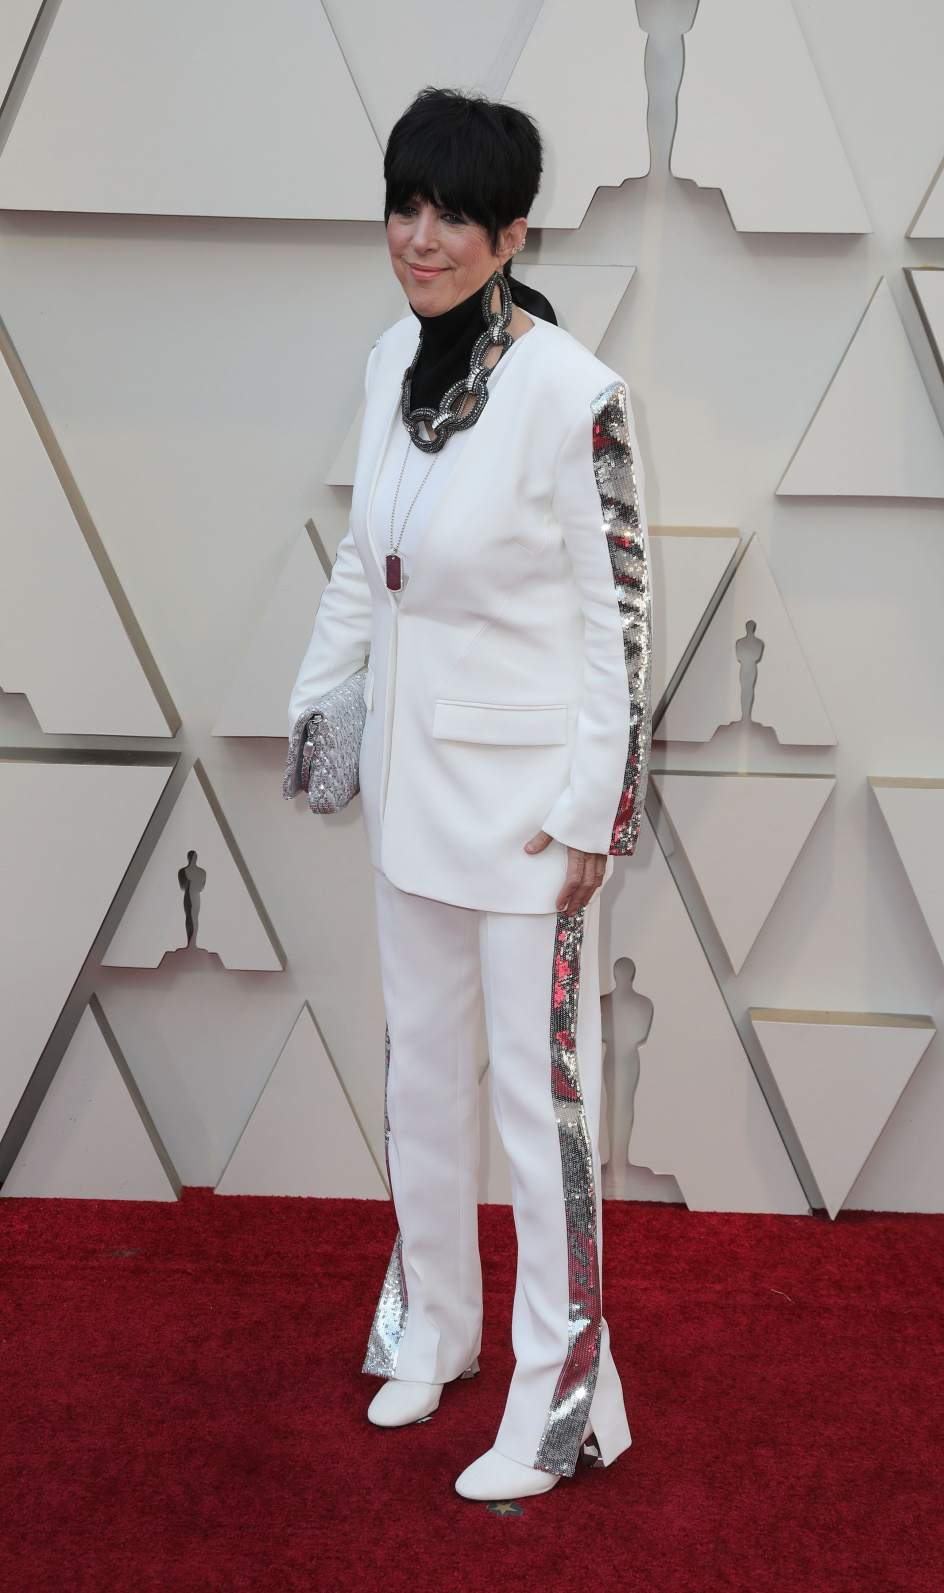 893552 944 1593 - Nuestros favoritos y no tan favoritos de la red carpet en los Oscar 2019